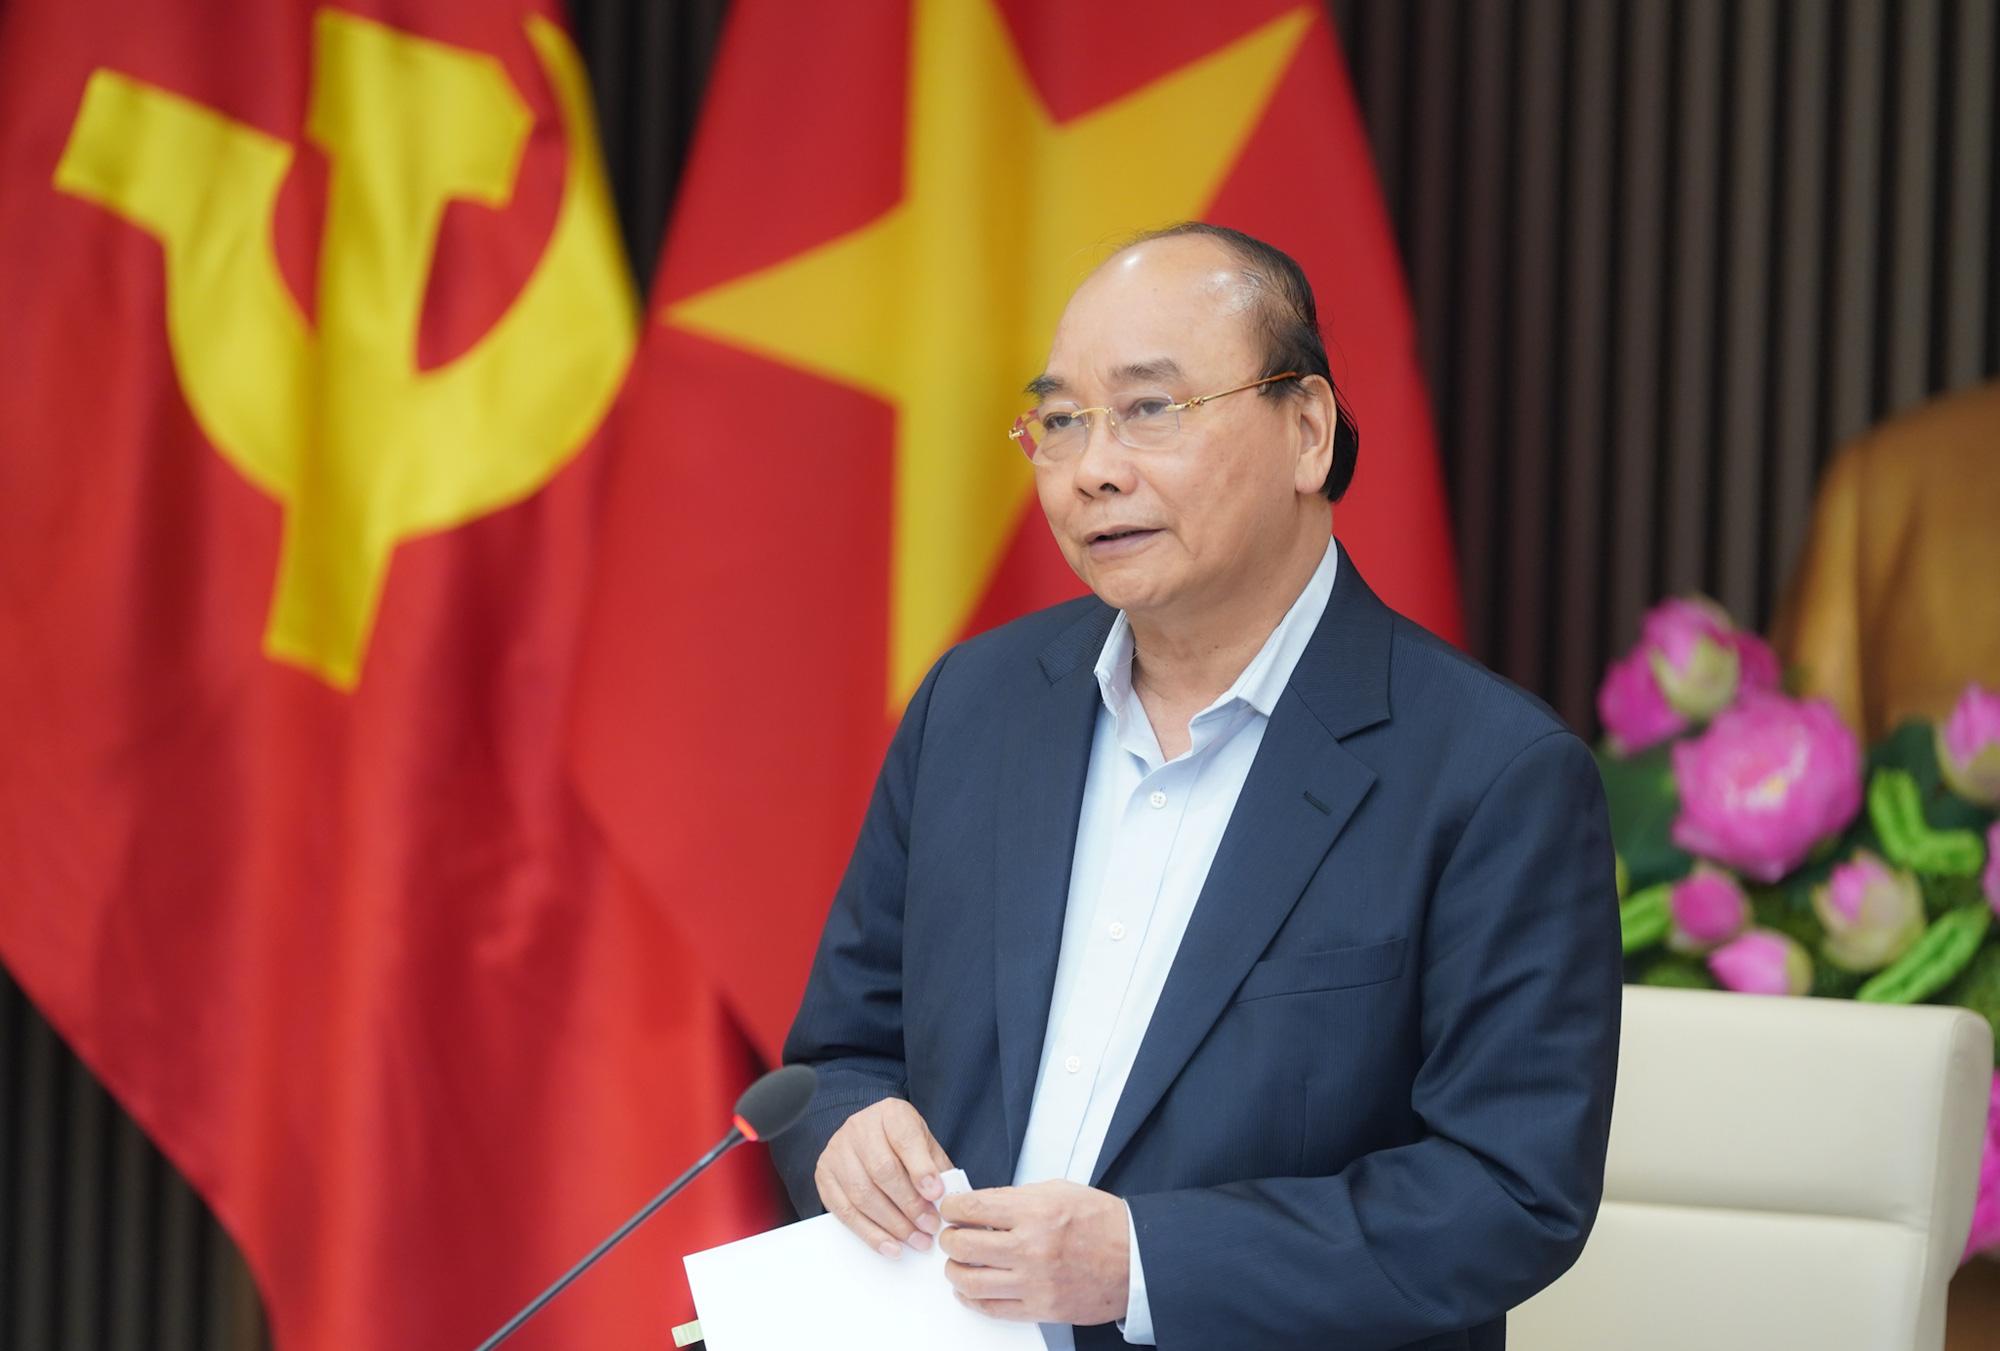 Đại hội Đảng: Thủ tướng chia sẻ tại nơi đã sinh hoạt 15 năm - Ảnh 1.